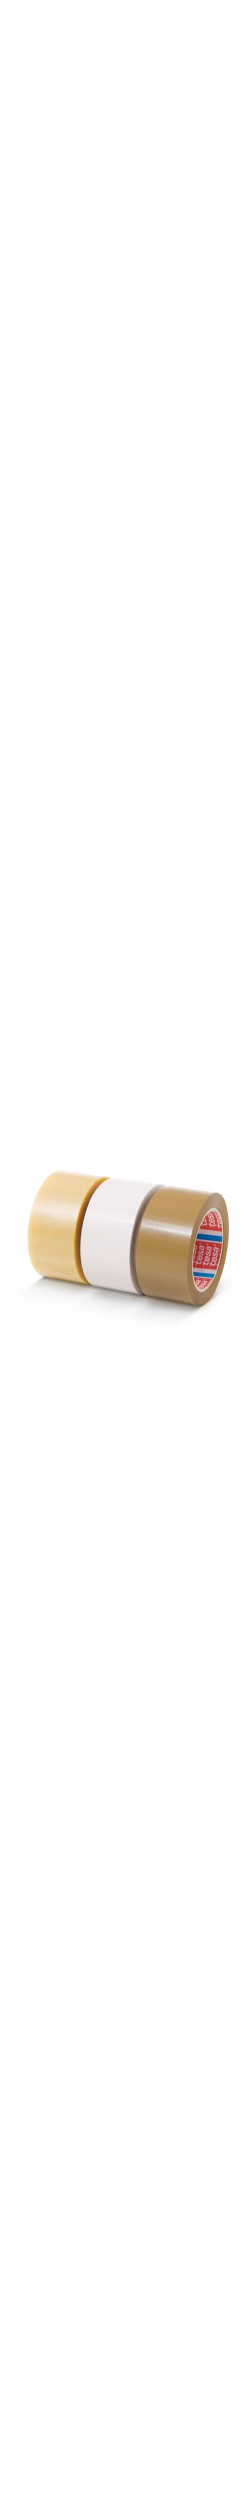 Упаковочные ПП ленты